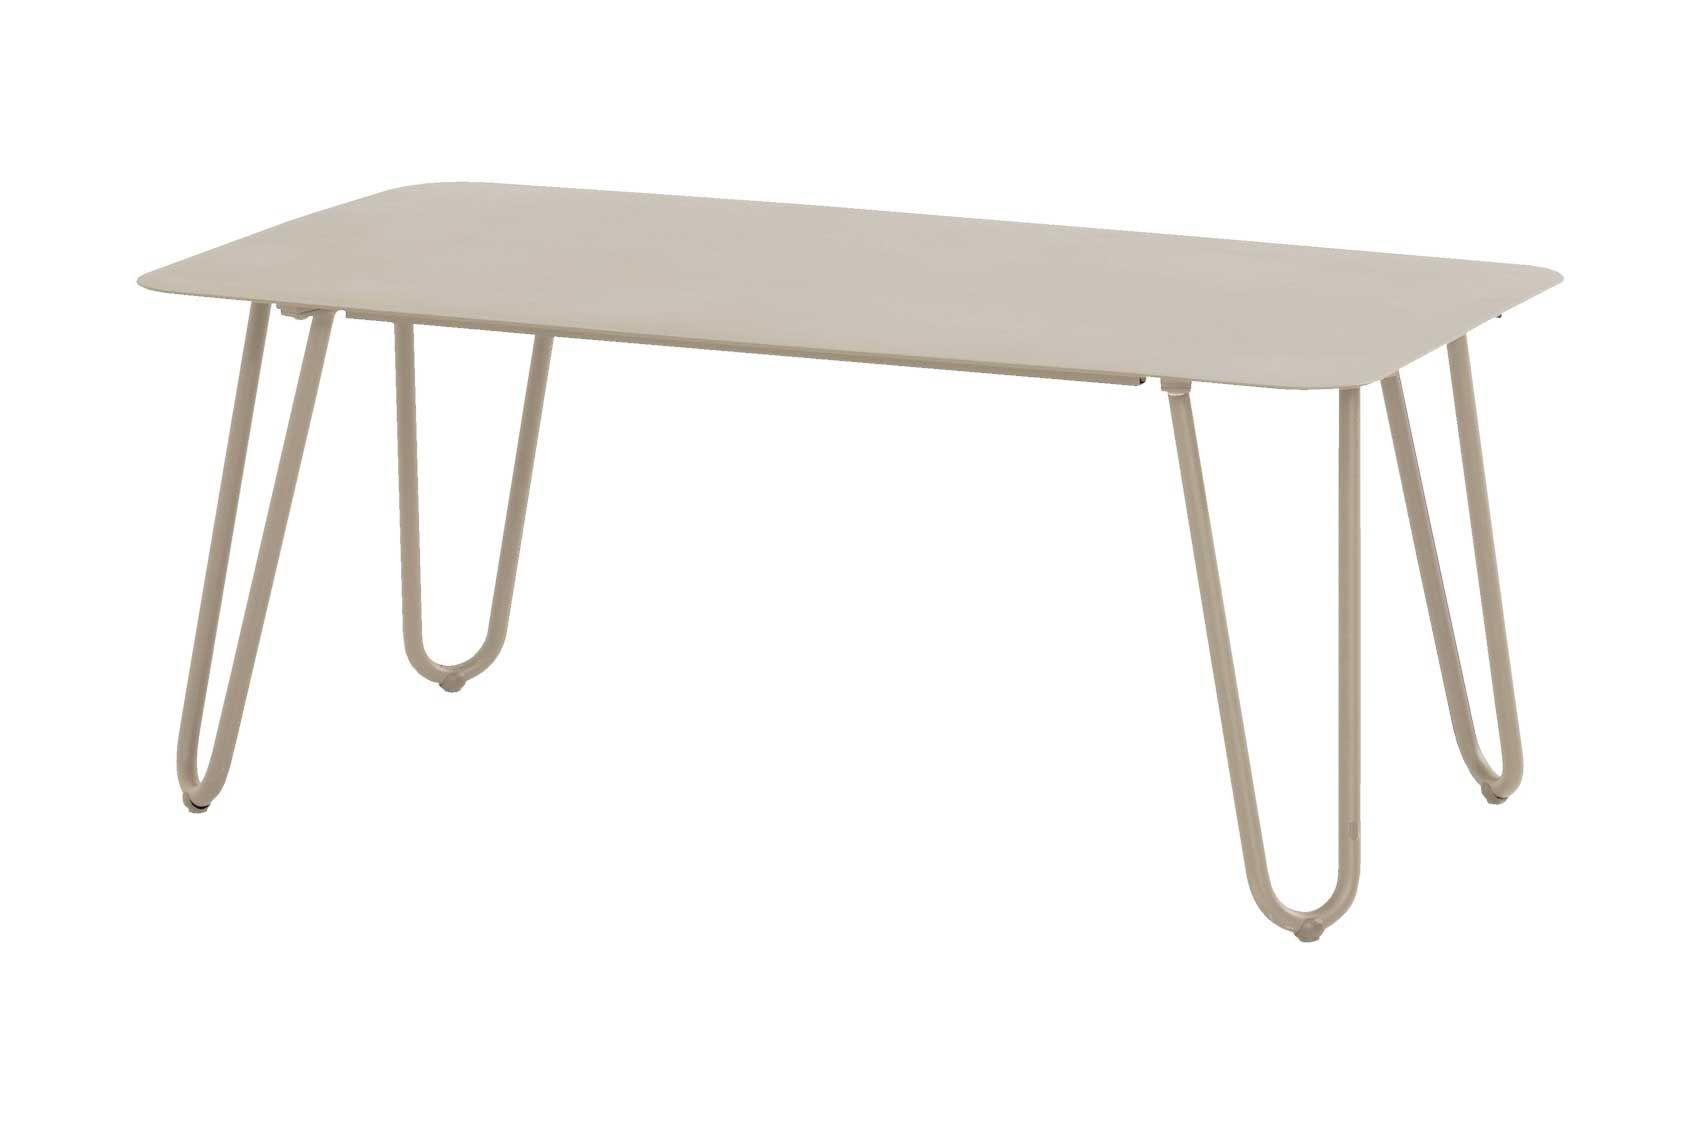 Table basse extérieur Cool - taupe